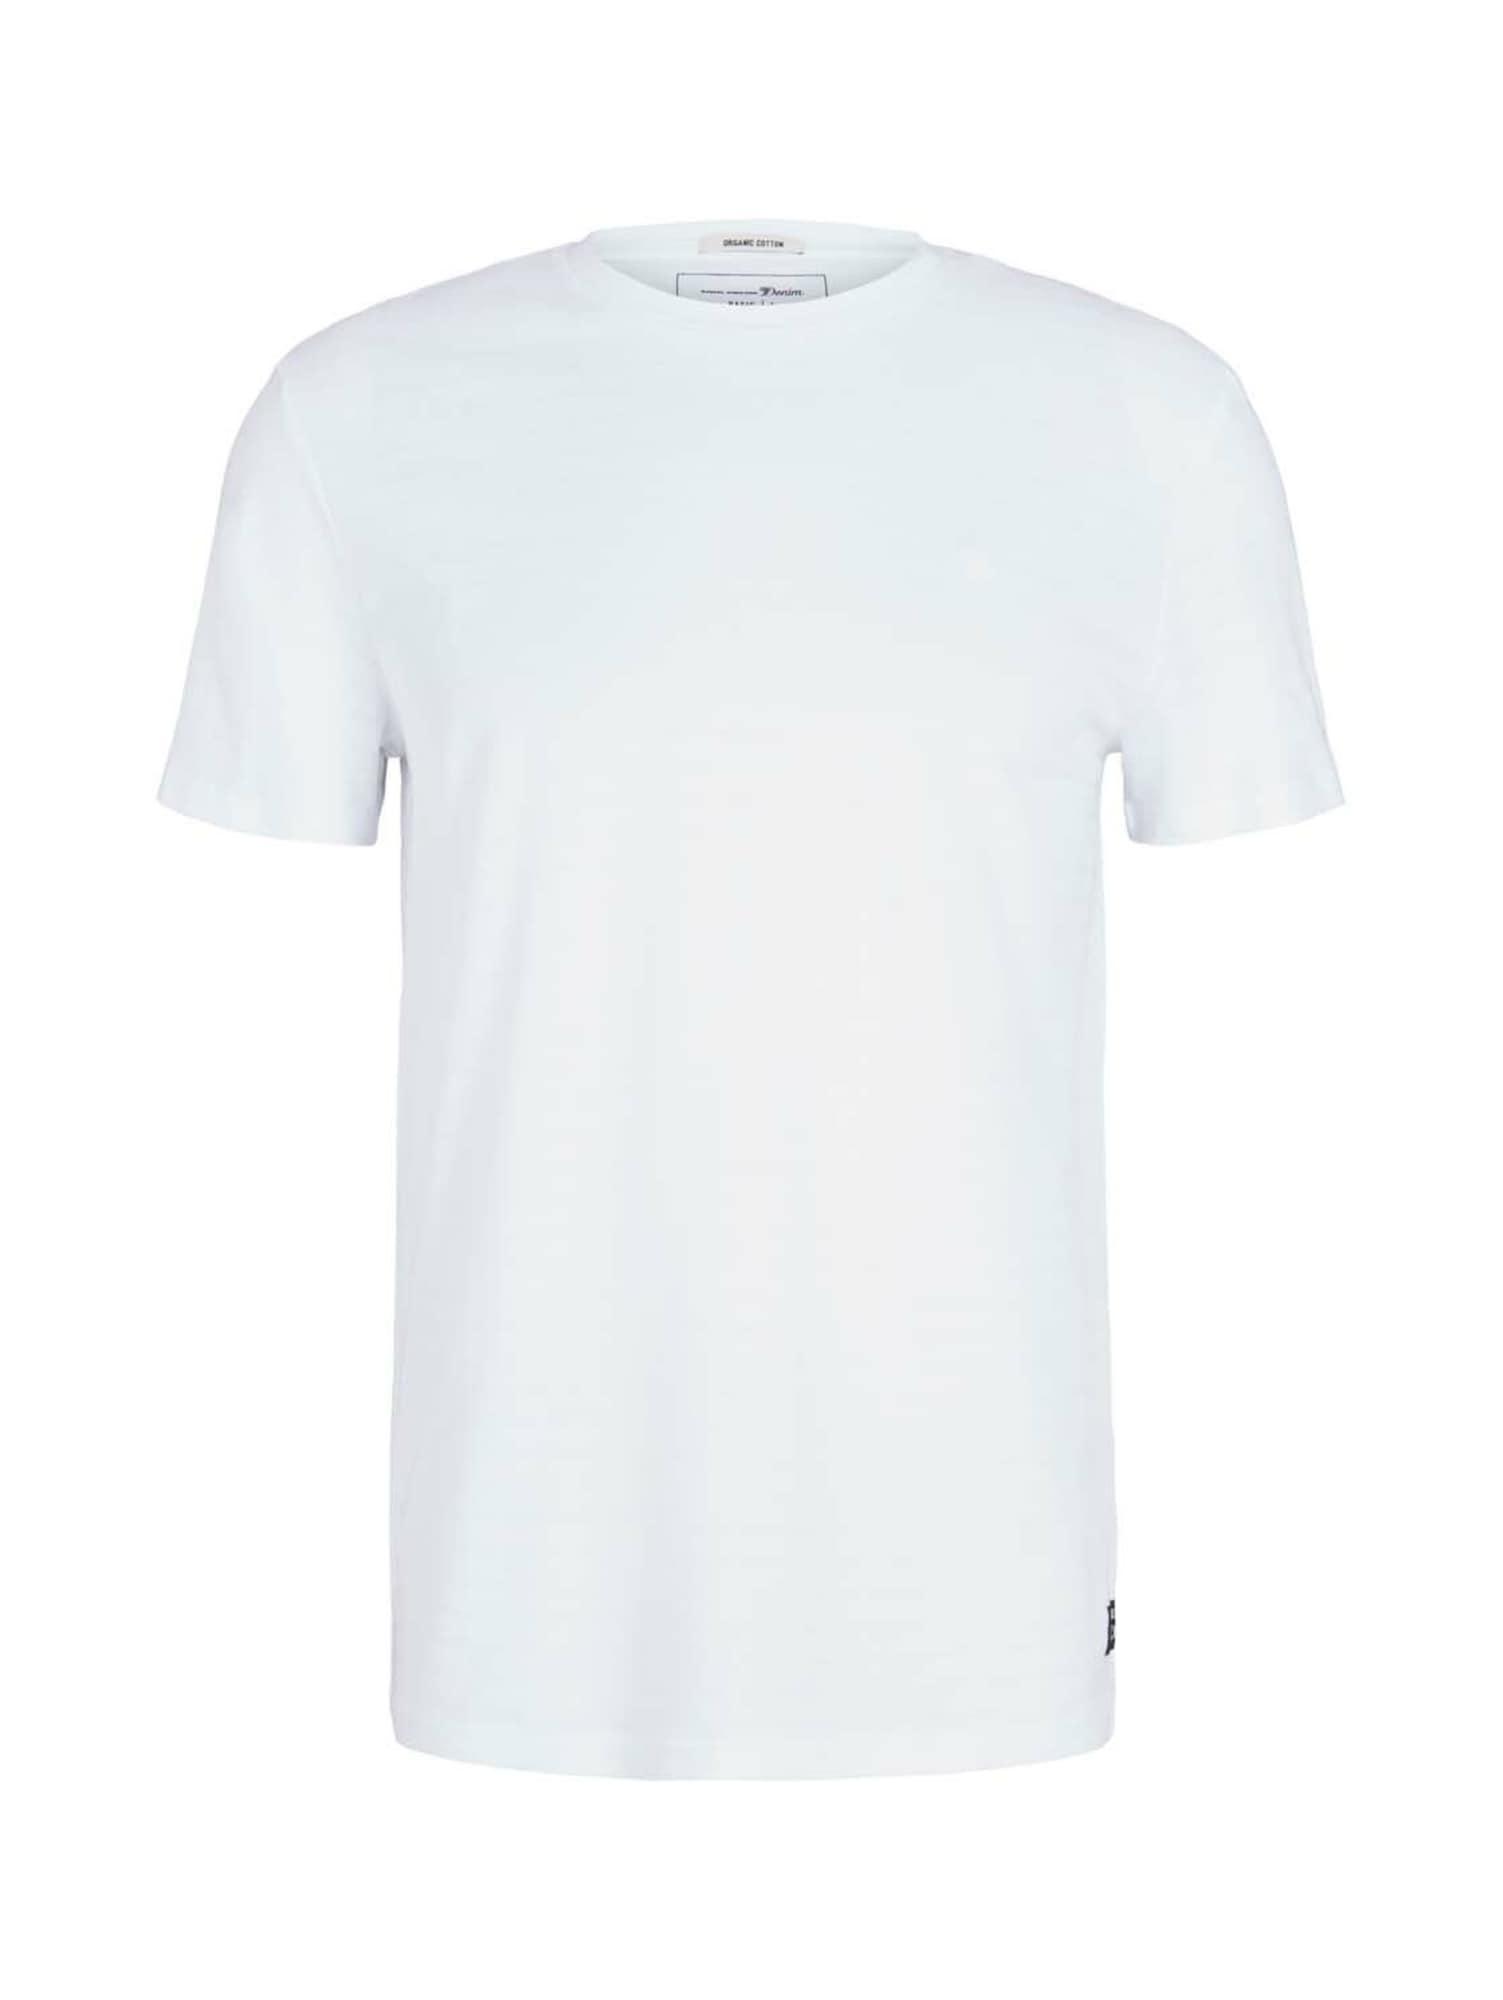 TOM TAILOR DENIM Tričko  bílá